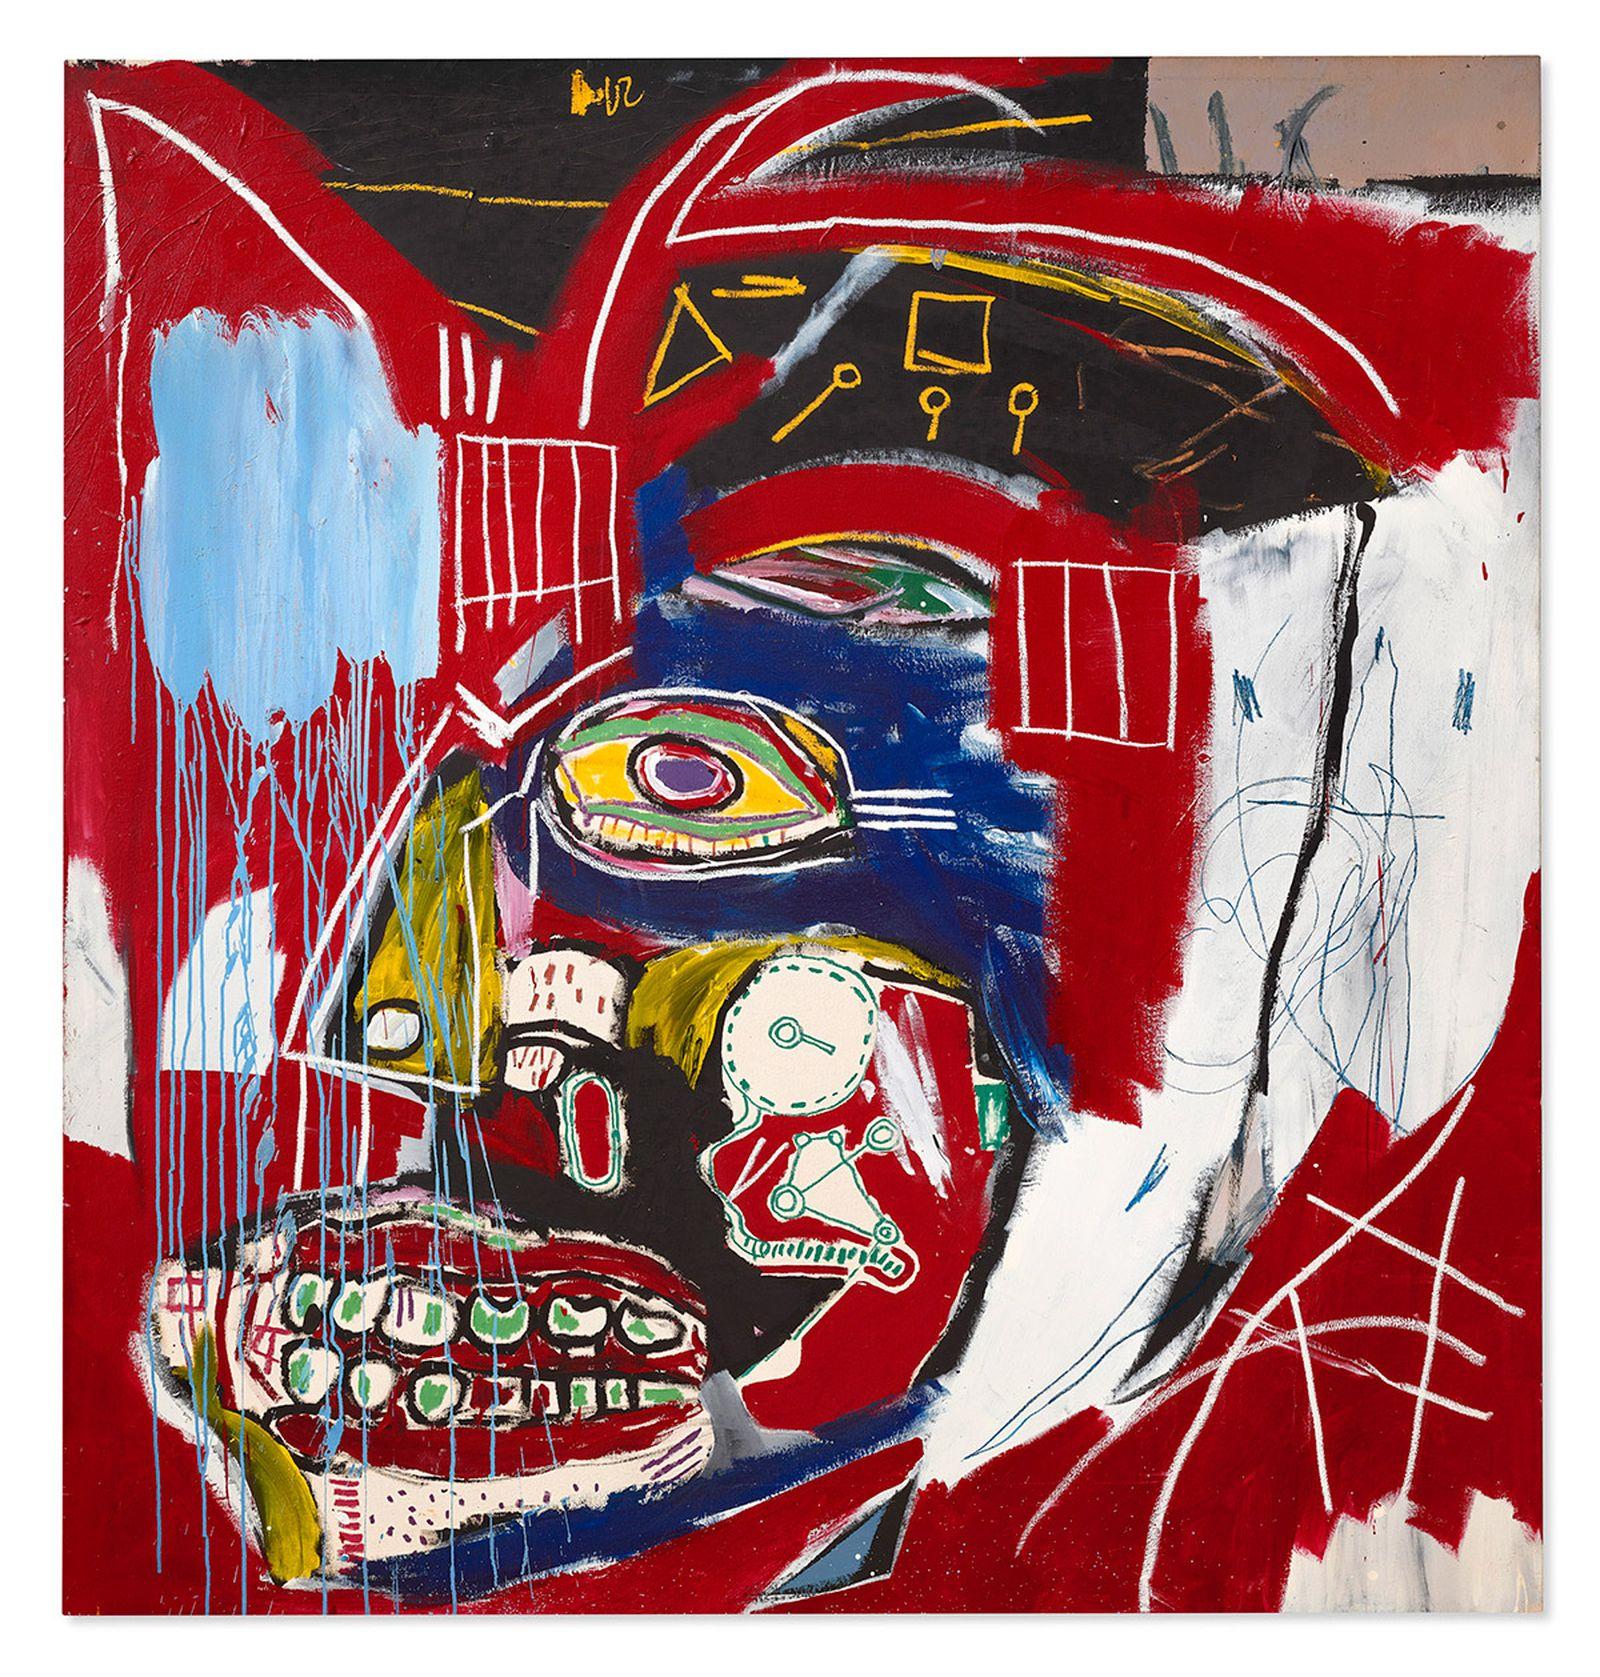 Jean-Michel Basquiat, In This Case (1983)